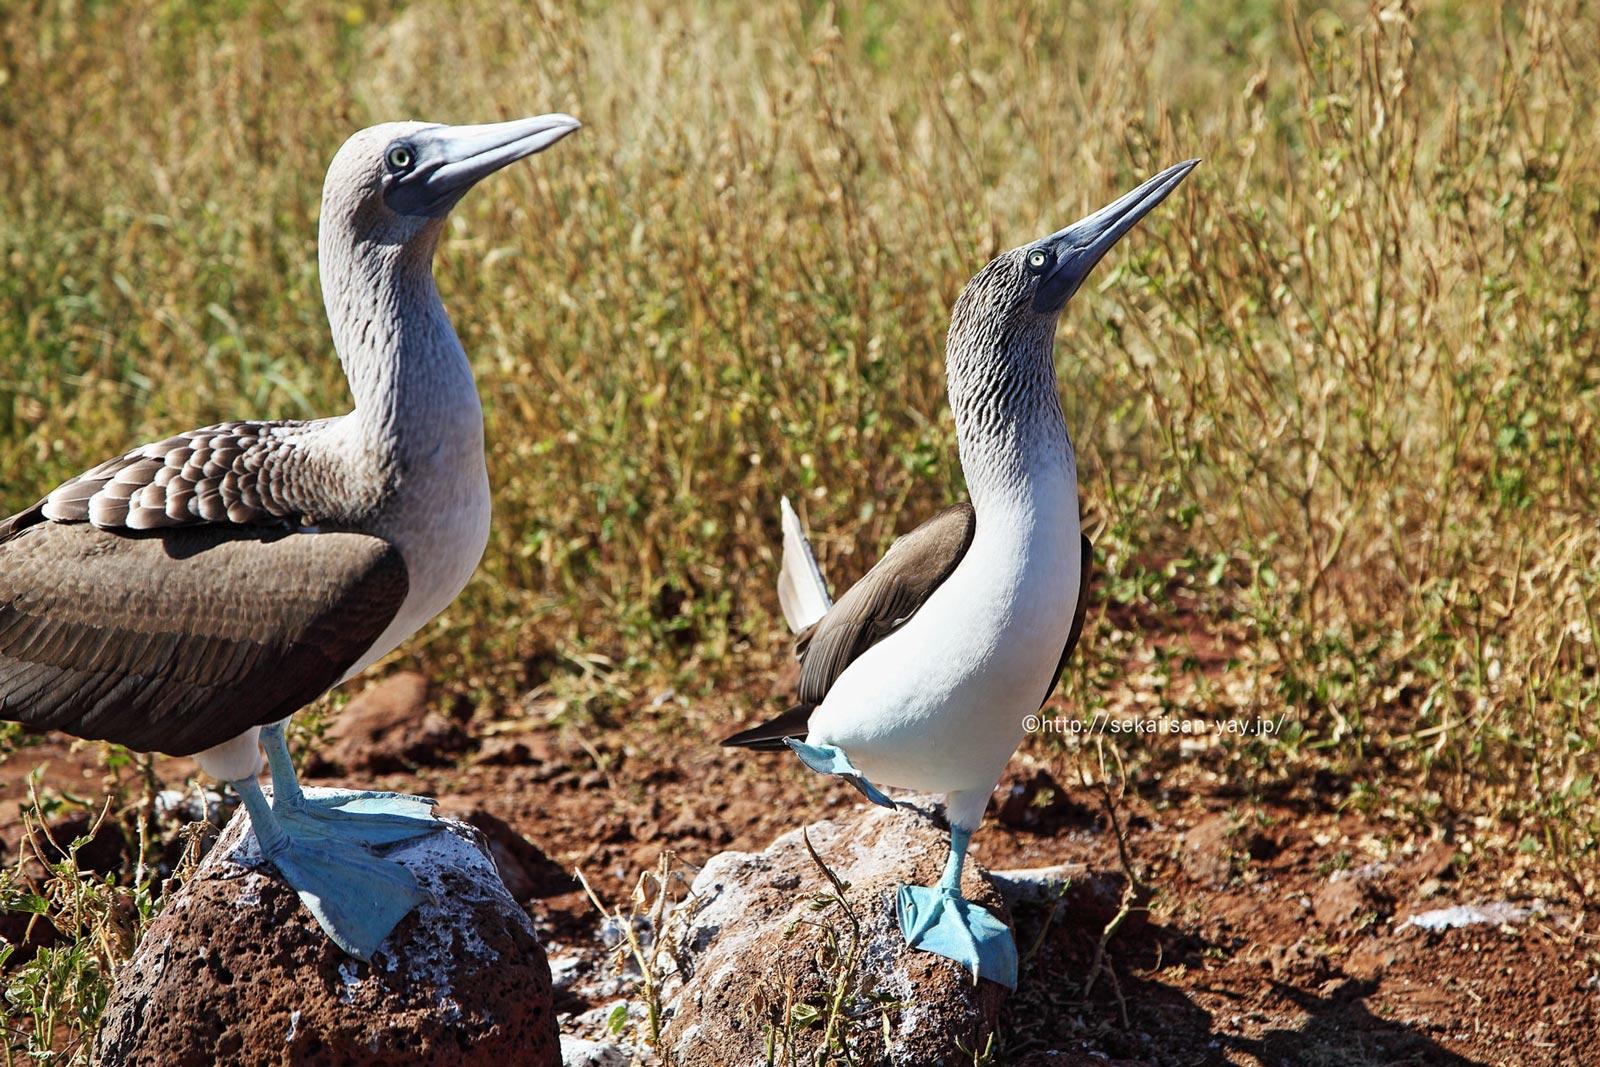 エクアドル「ガラパゴス諸島」- アオアシカツオドリ